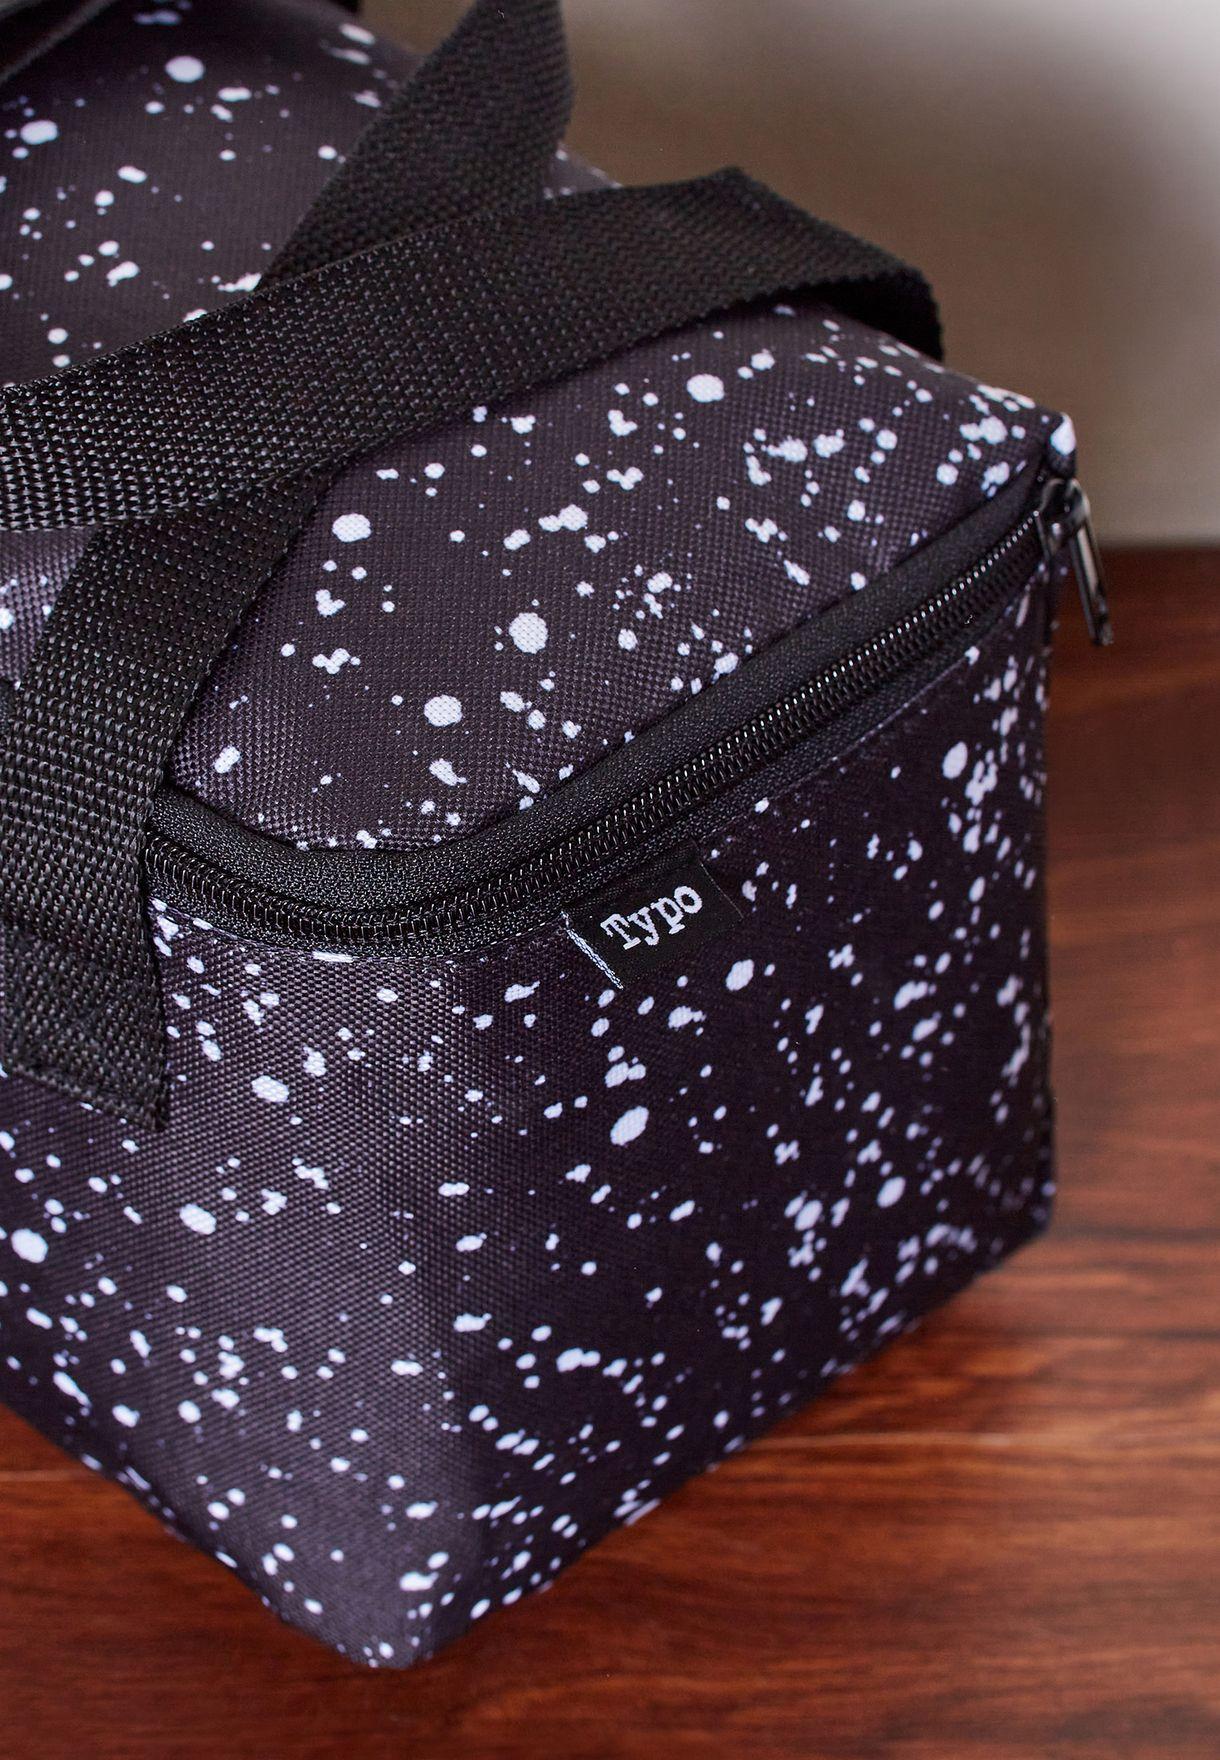 Splatter Lunch Bag